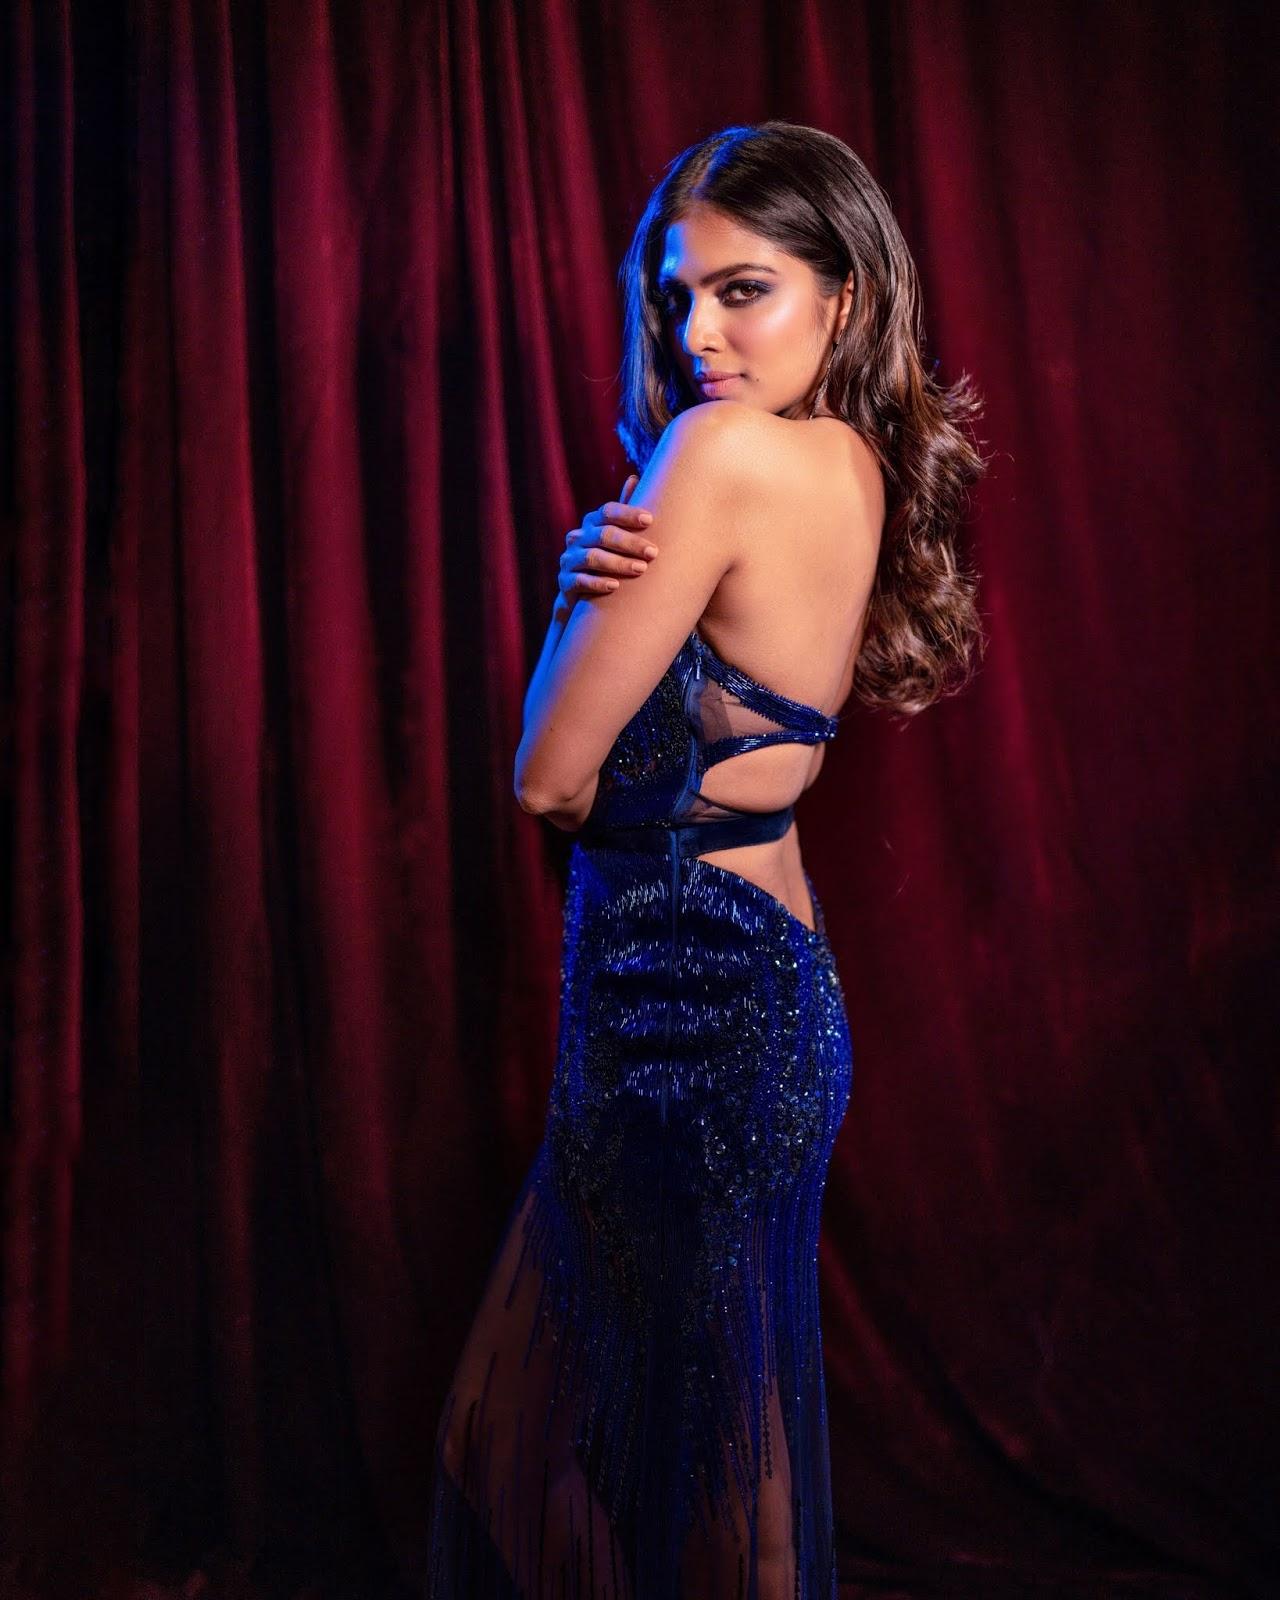 Malavika Mohanan in Blue Dress for IIFA